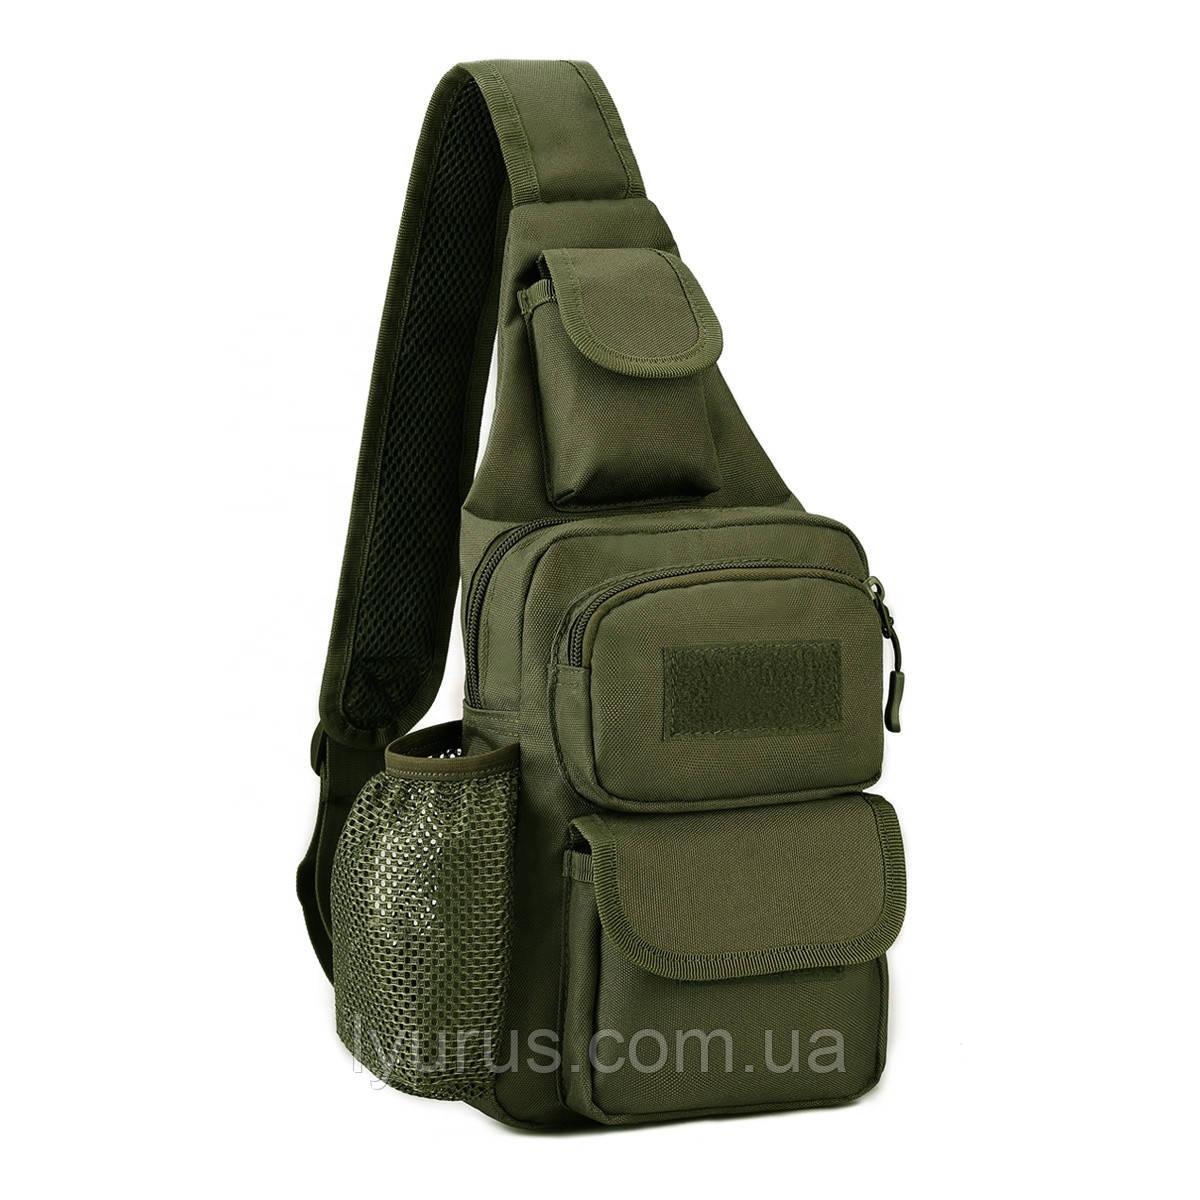 Тактическая сумка-рюкзак, барсетка, бананка, однолямочник. + USB выход. Хаки